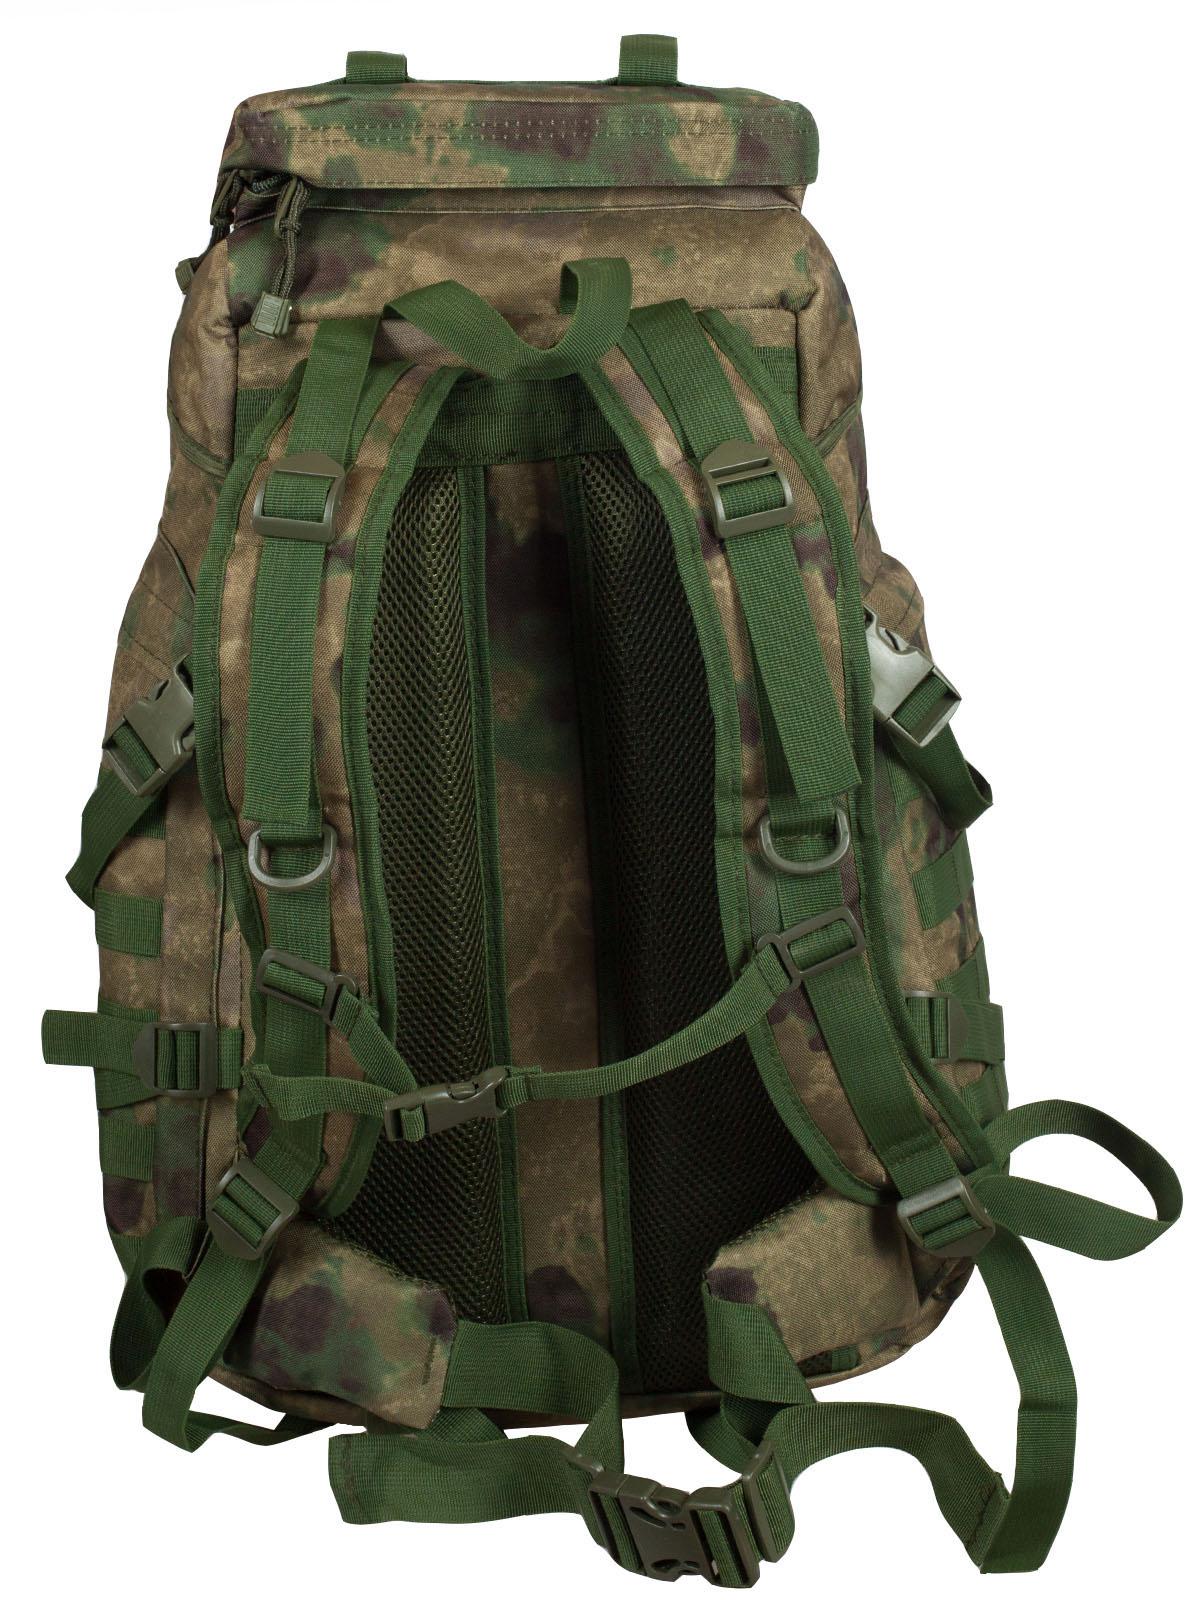 Штурмовой заплечный рюкзак MultiCam A-TACS FG ДПС - заказать в подарок